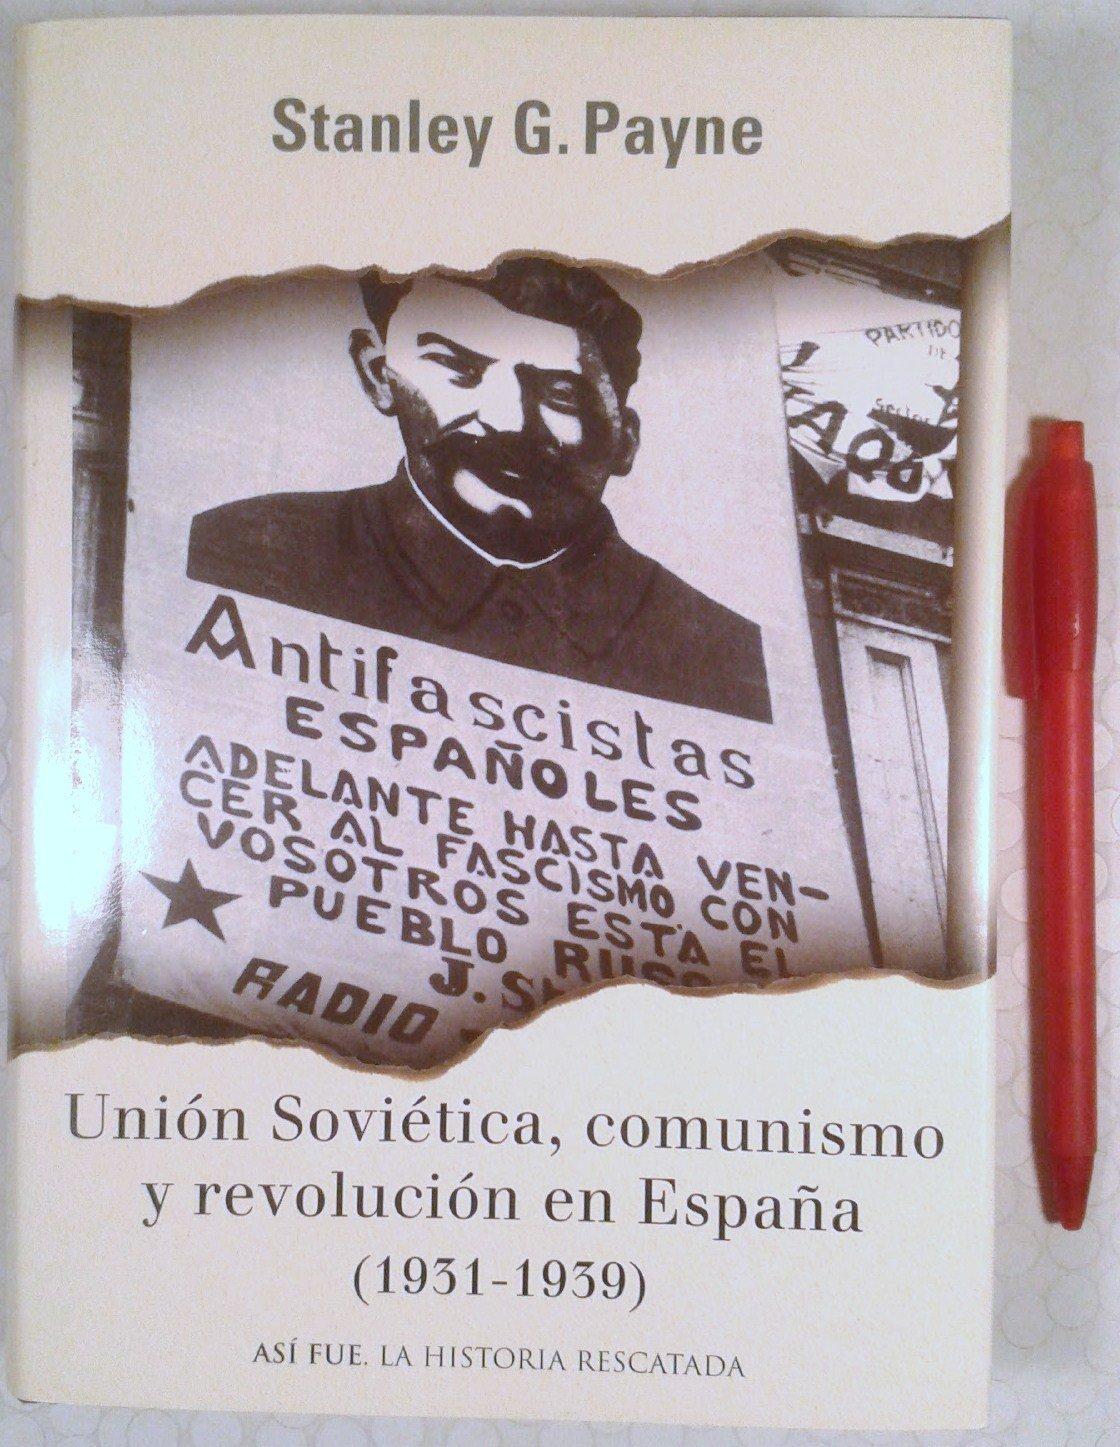 Union sovietica, comunismo y revolucion en España 1931-1939 Asi Fue: Amazon.es: Payne, Stanley G.: Libros